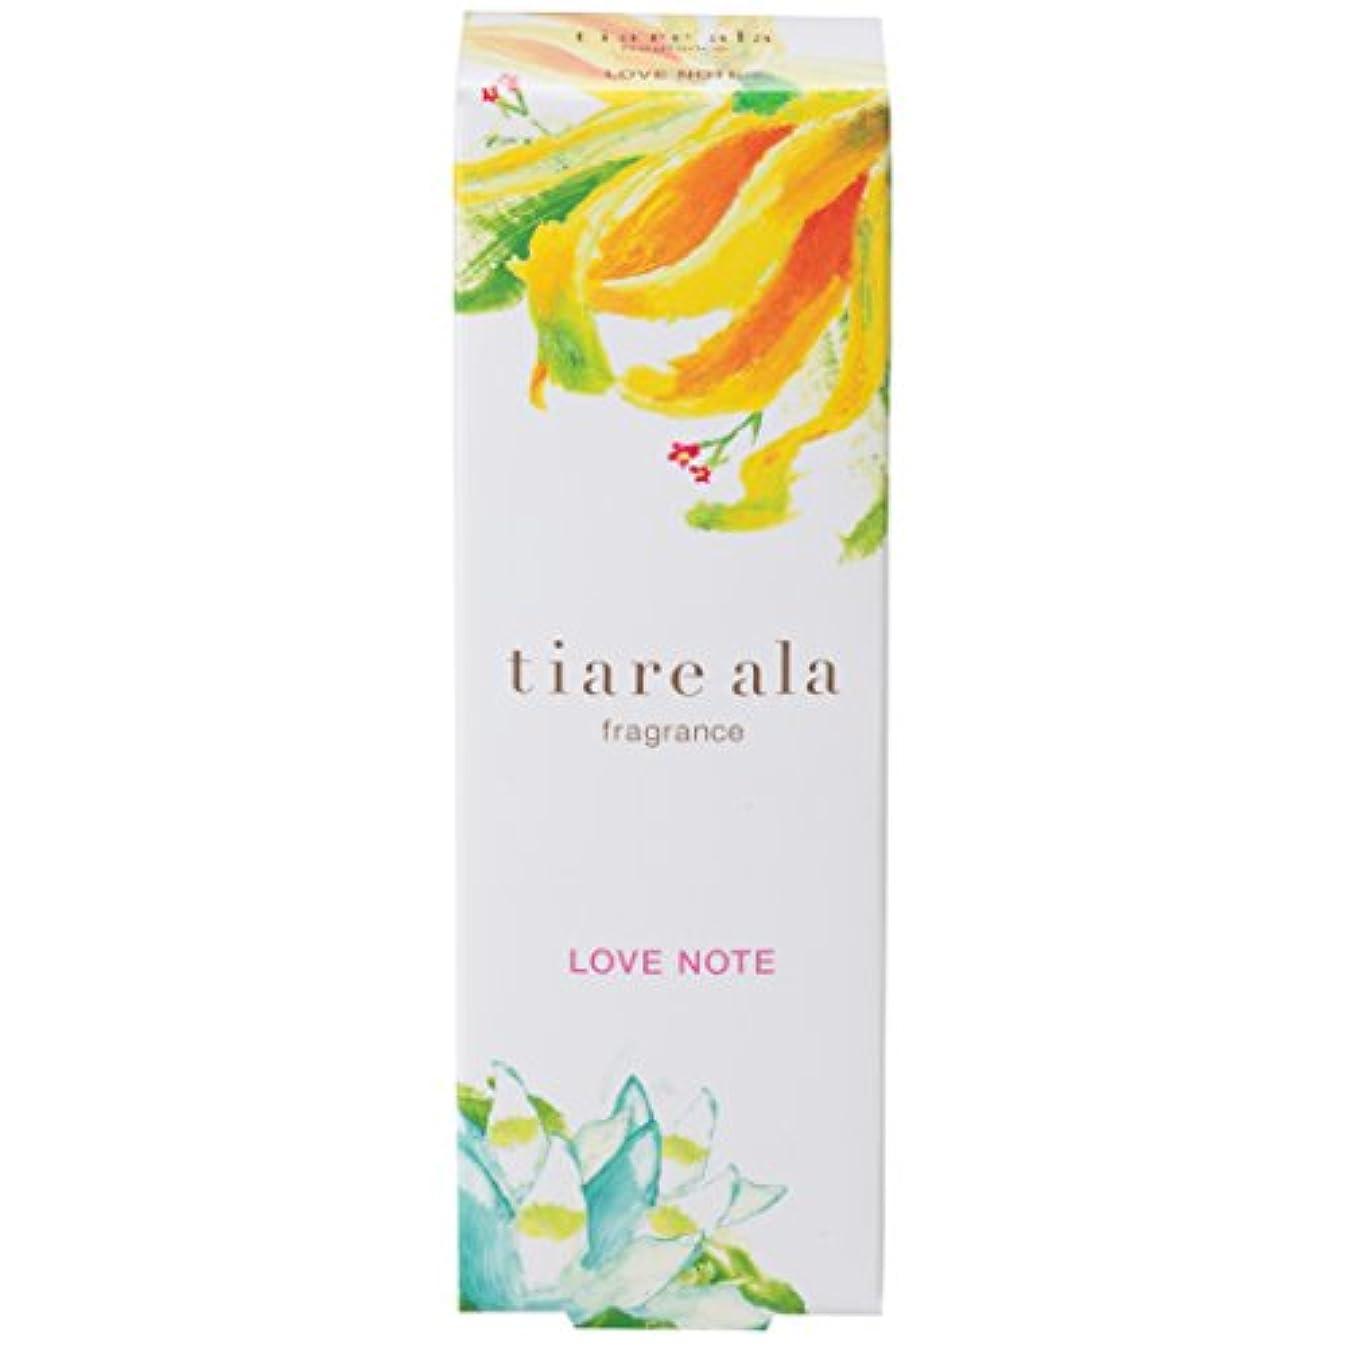 うるさい乳製品研究所ティアレアーラ フレグランス ラブノート 〈ネロリ & イランイランの香り〉 (14.5mL)